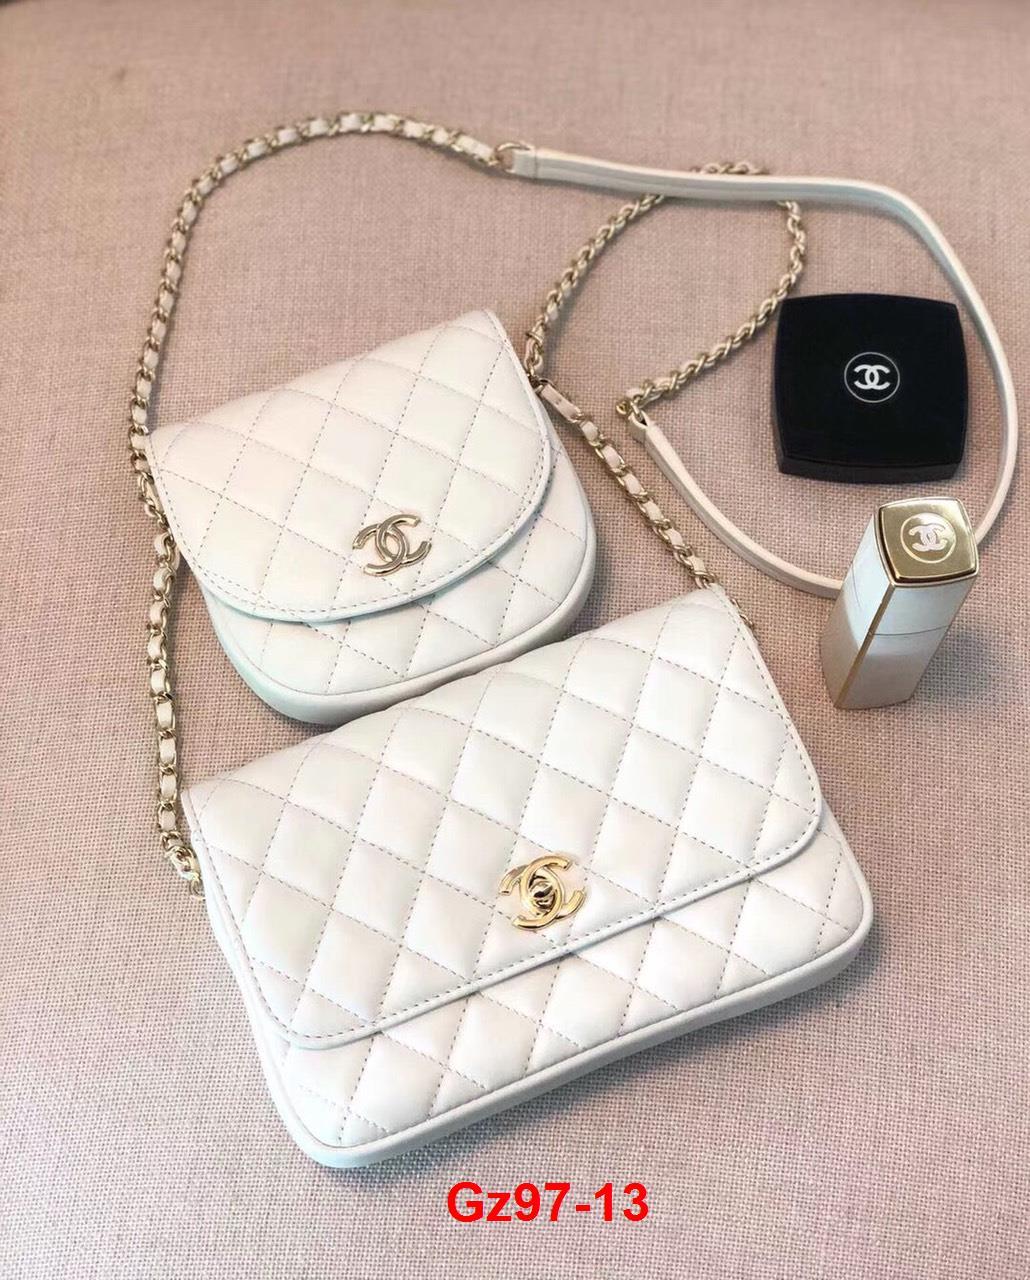 Gz97-13 Chanel túi size 19cm x 2 chiếc siêu cấp